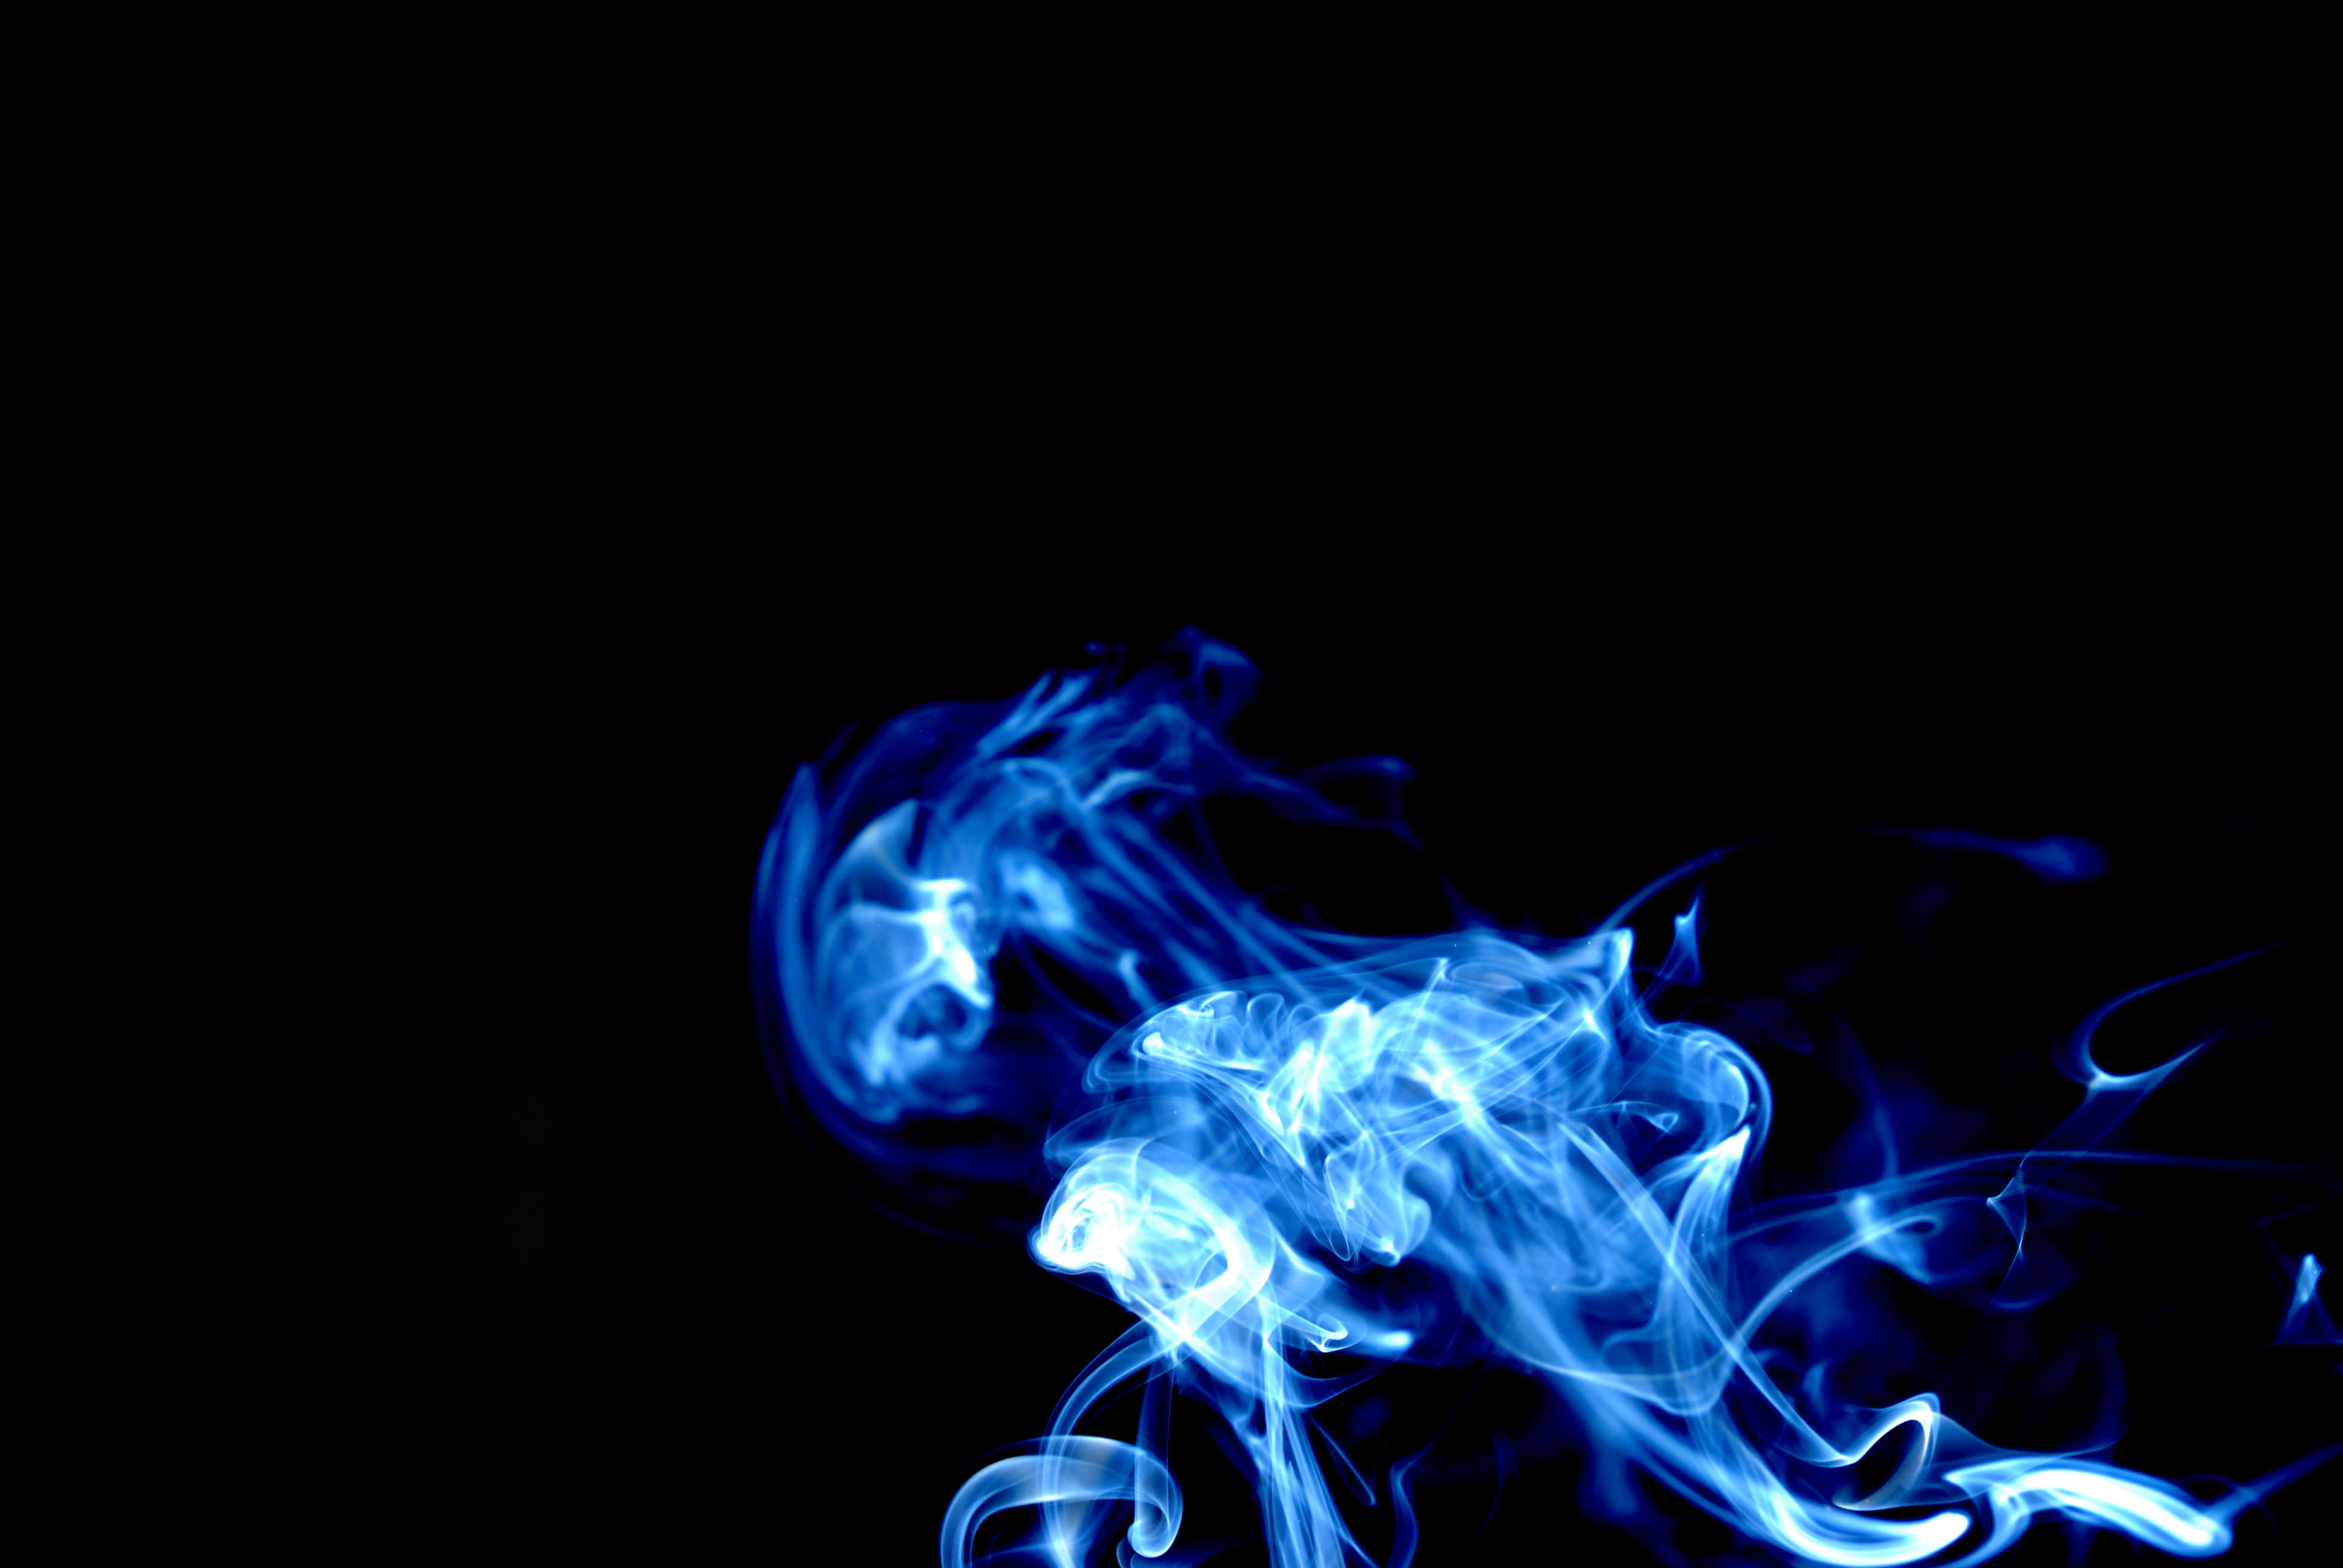 Blue Smoke Wallpaper 1920x1080px 754591 3872x2592